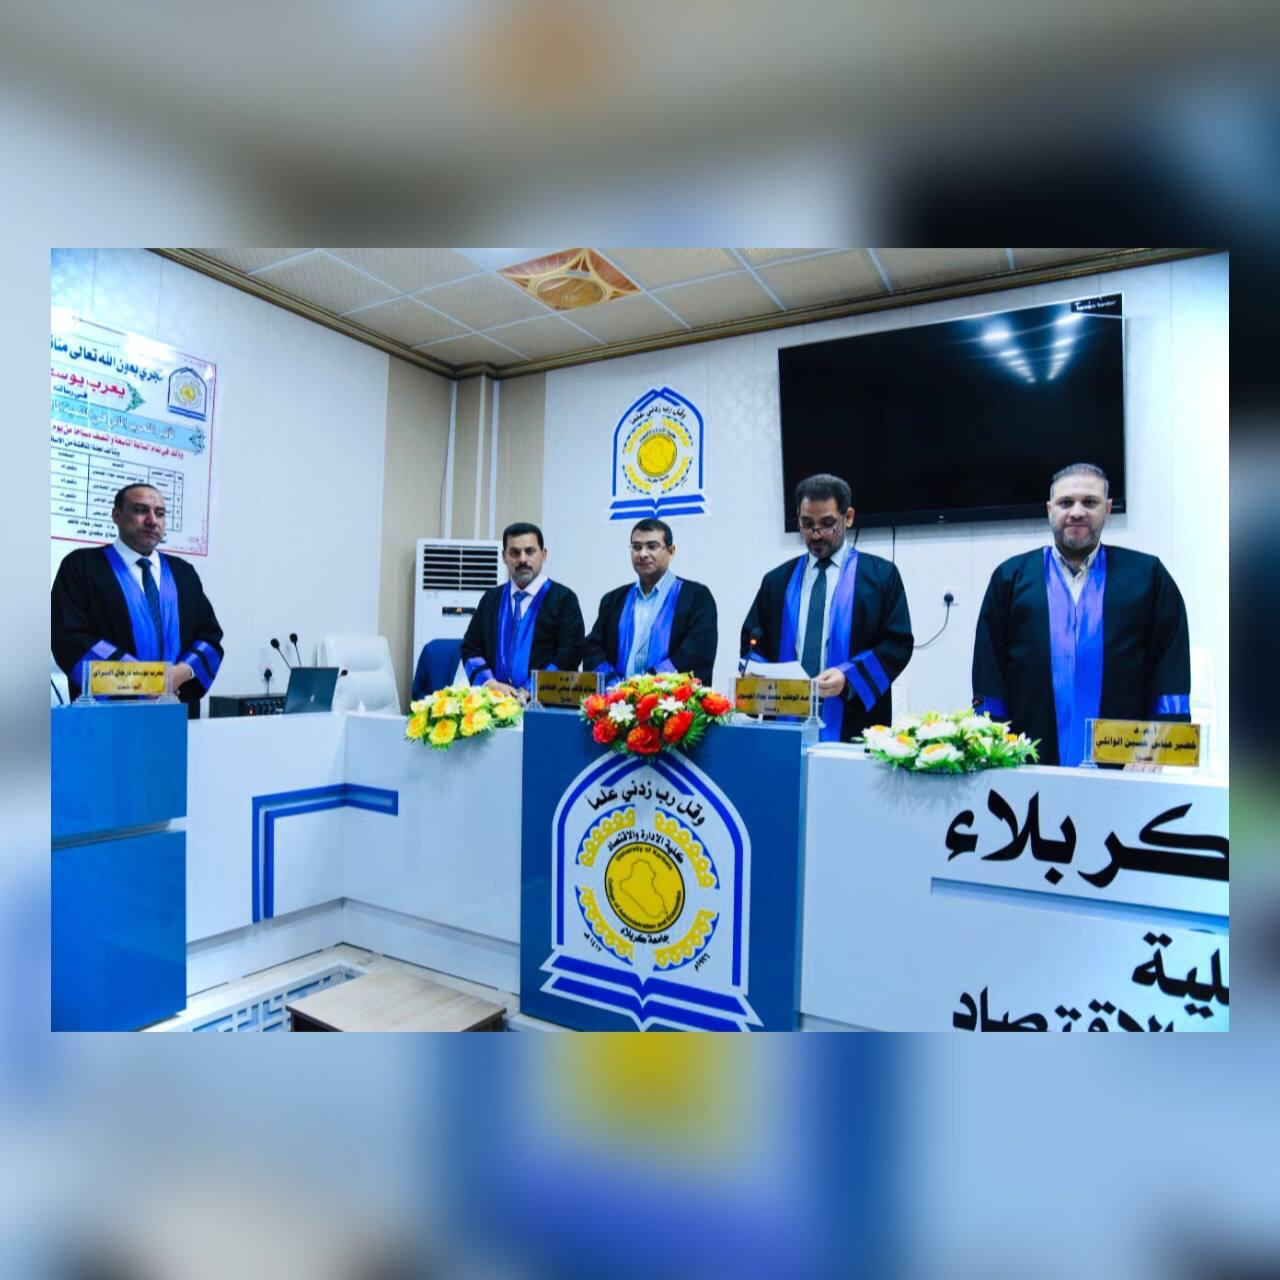 جامعة كربلاء تناقش تأثير التحرير المالي في التنمية المالية تجارب مختارة مع إشارة للعراق